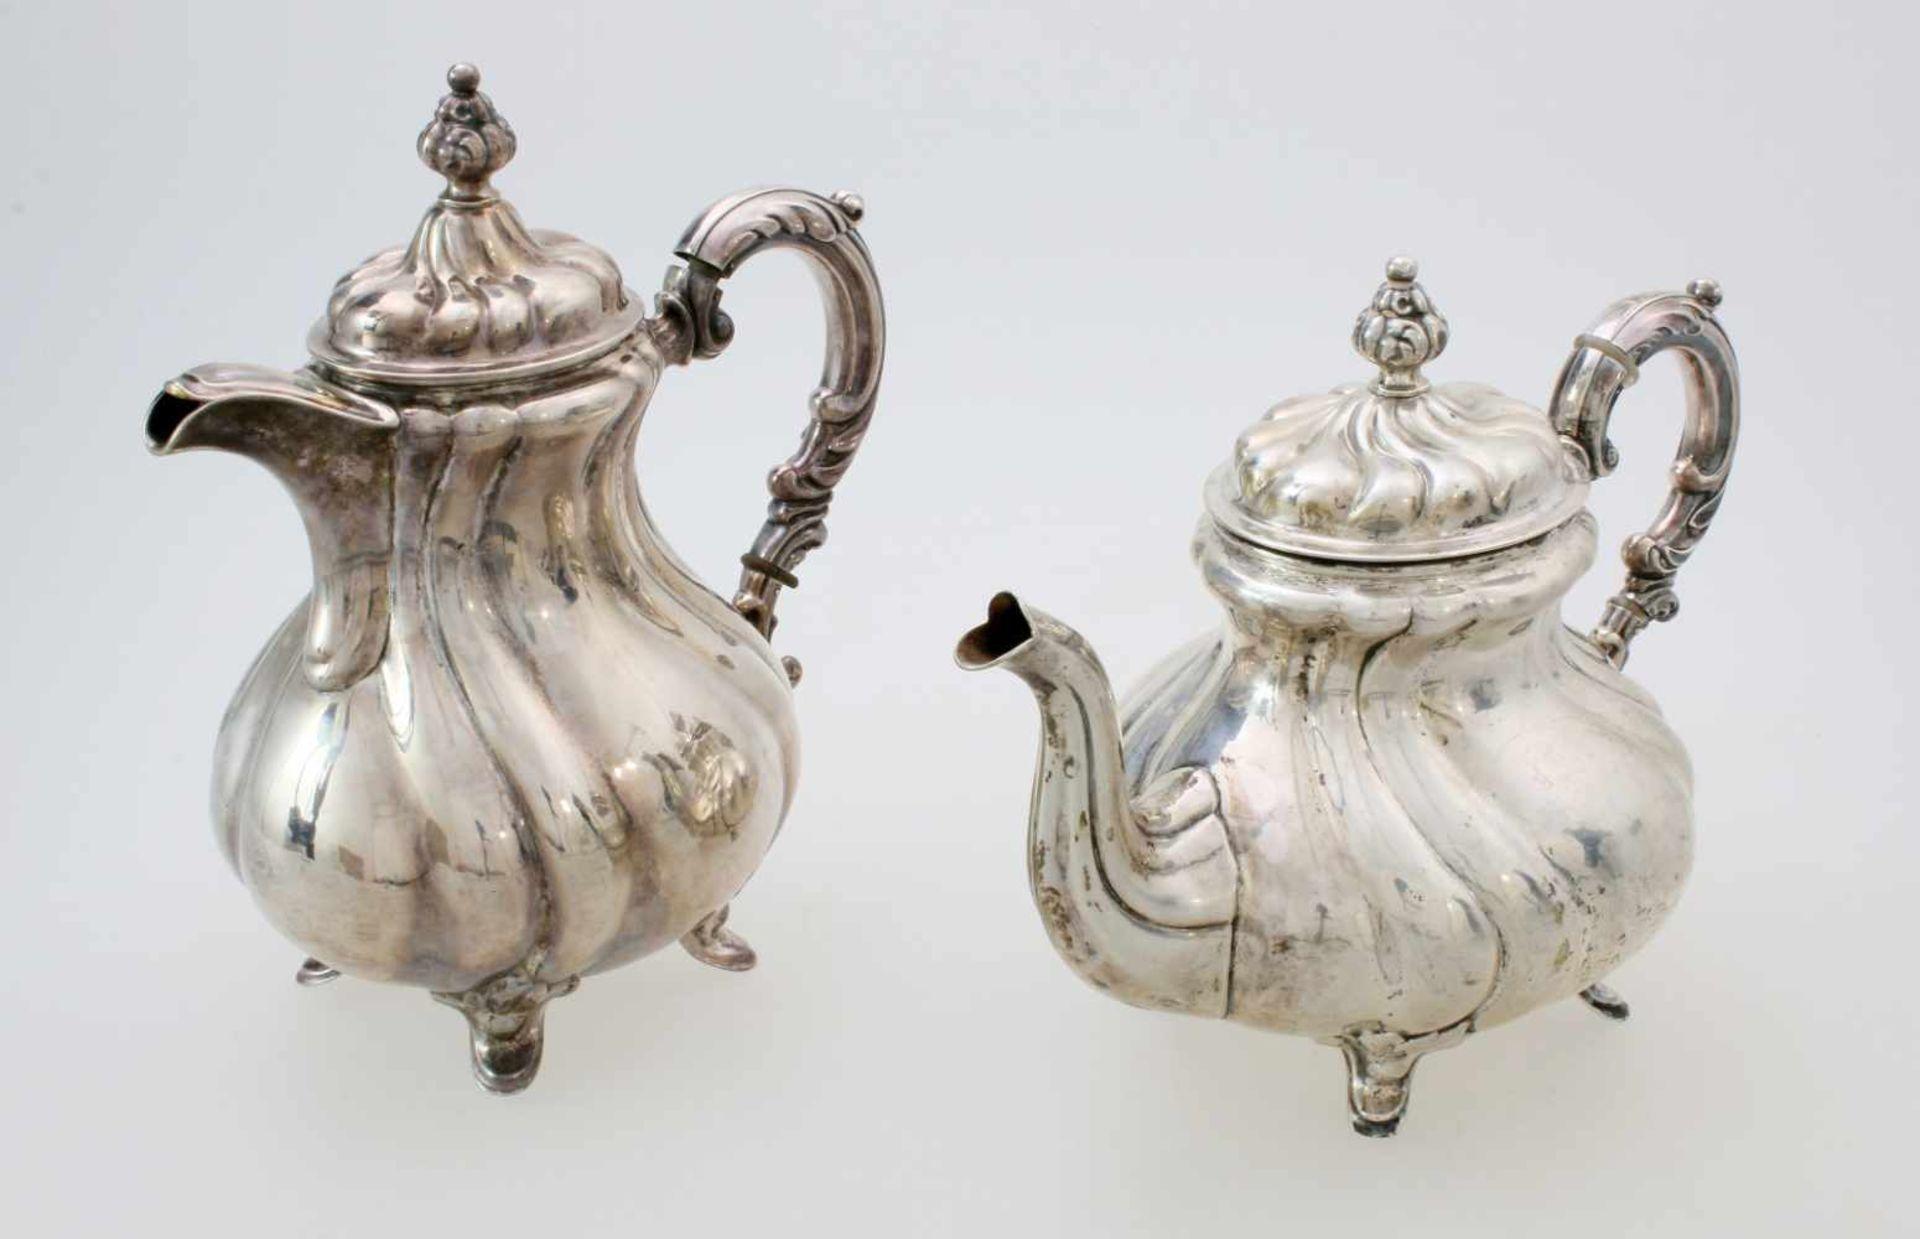 2 silberne Tee- und KaffeekannenBeide Kannen godronierter, bauchiger Korpus, Deckel en suite,